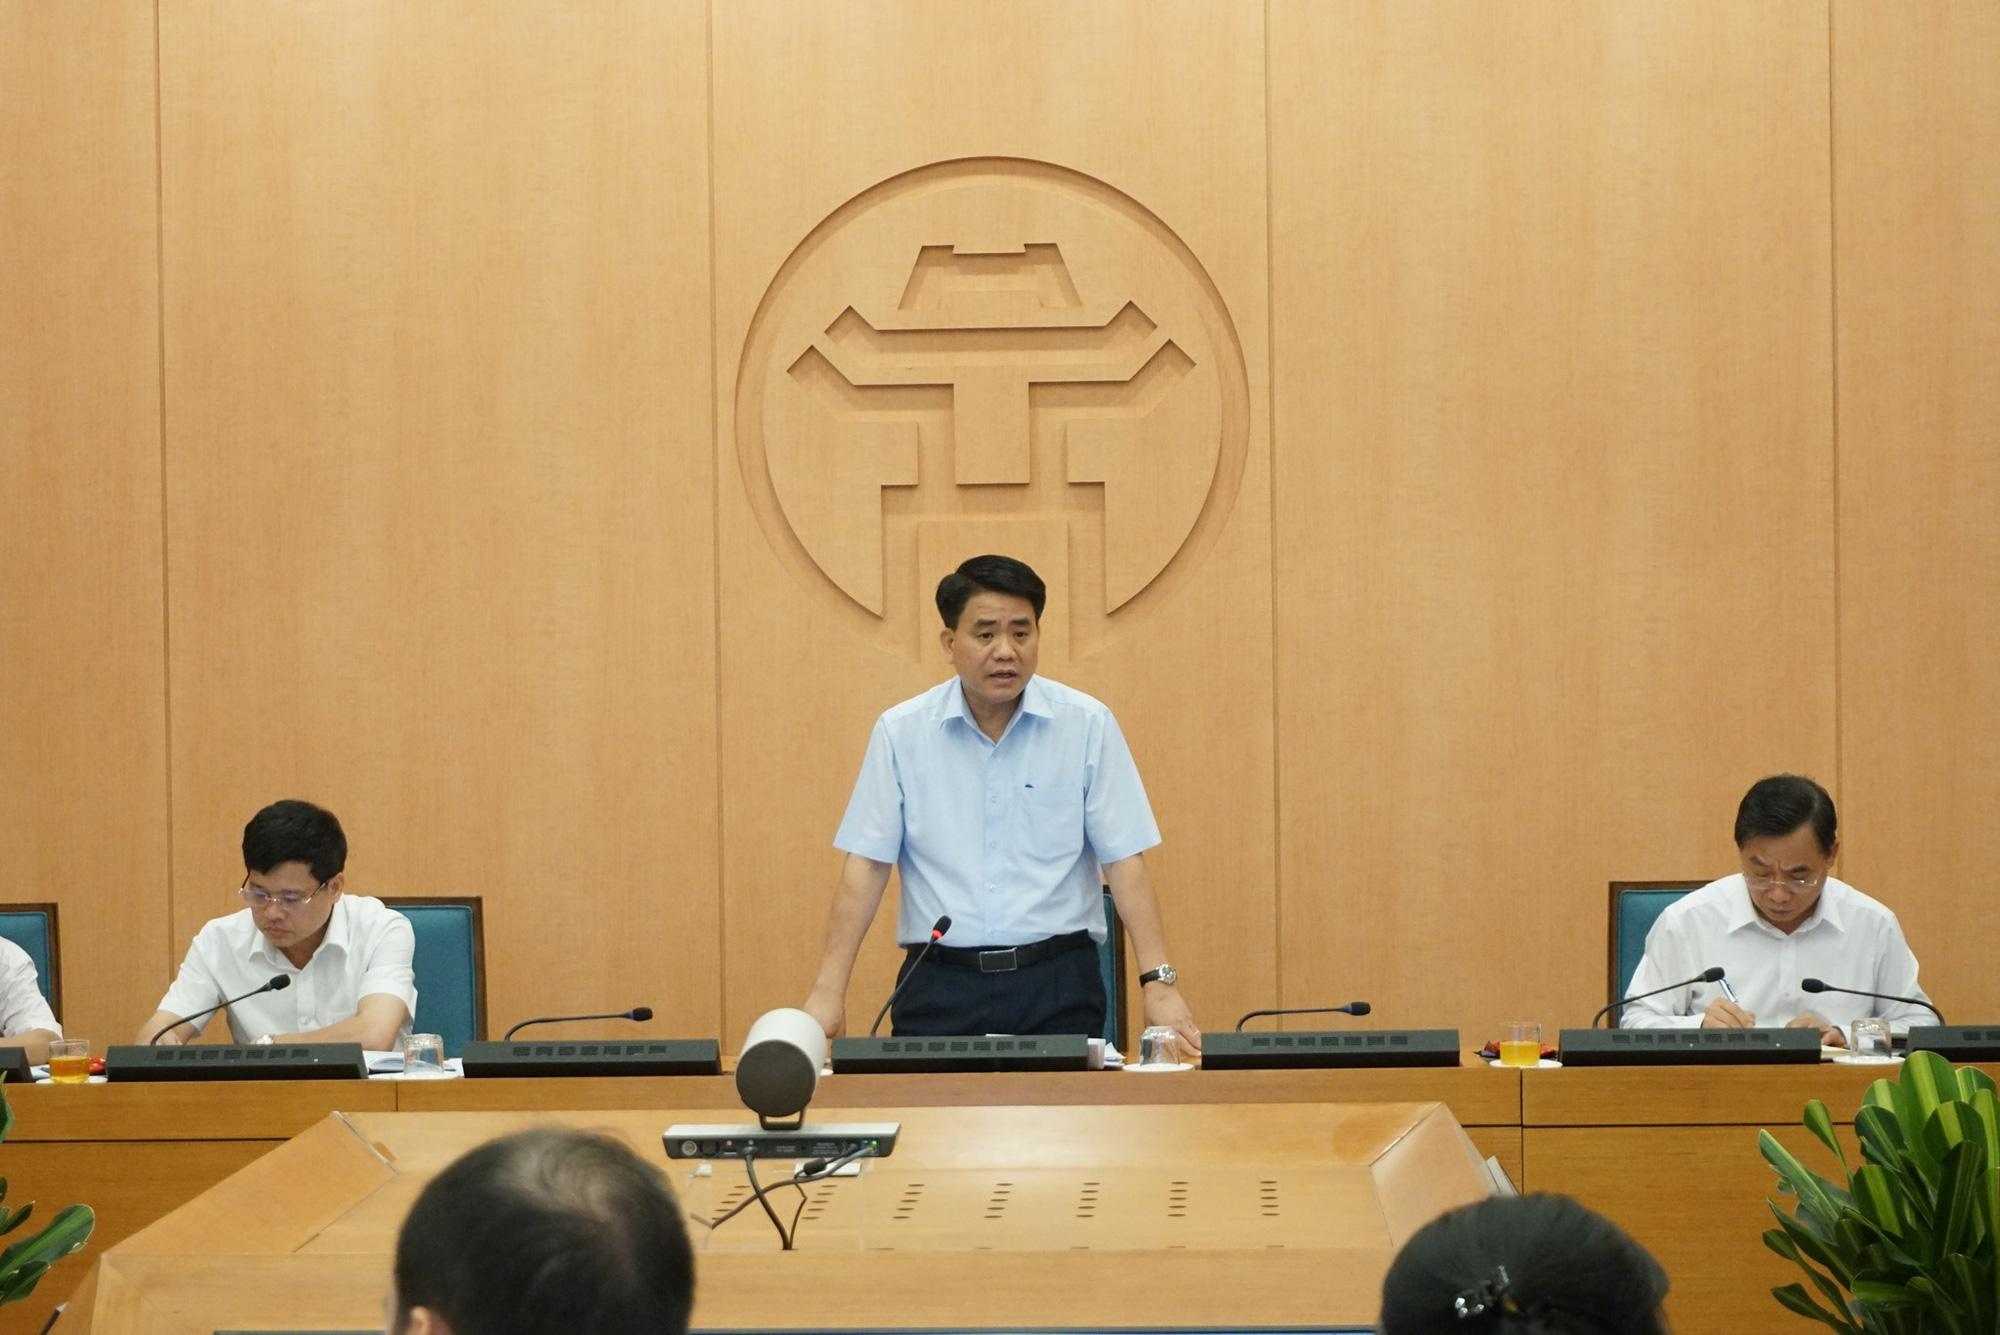 Chủ tịch Hà Nội: Thành phố đang vào giai đoạn cao điểm, đến ngày 13/8 mới yên tâm - Ảnh 1.